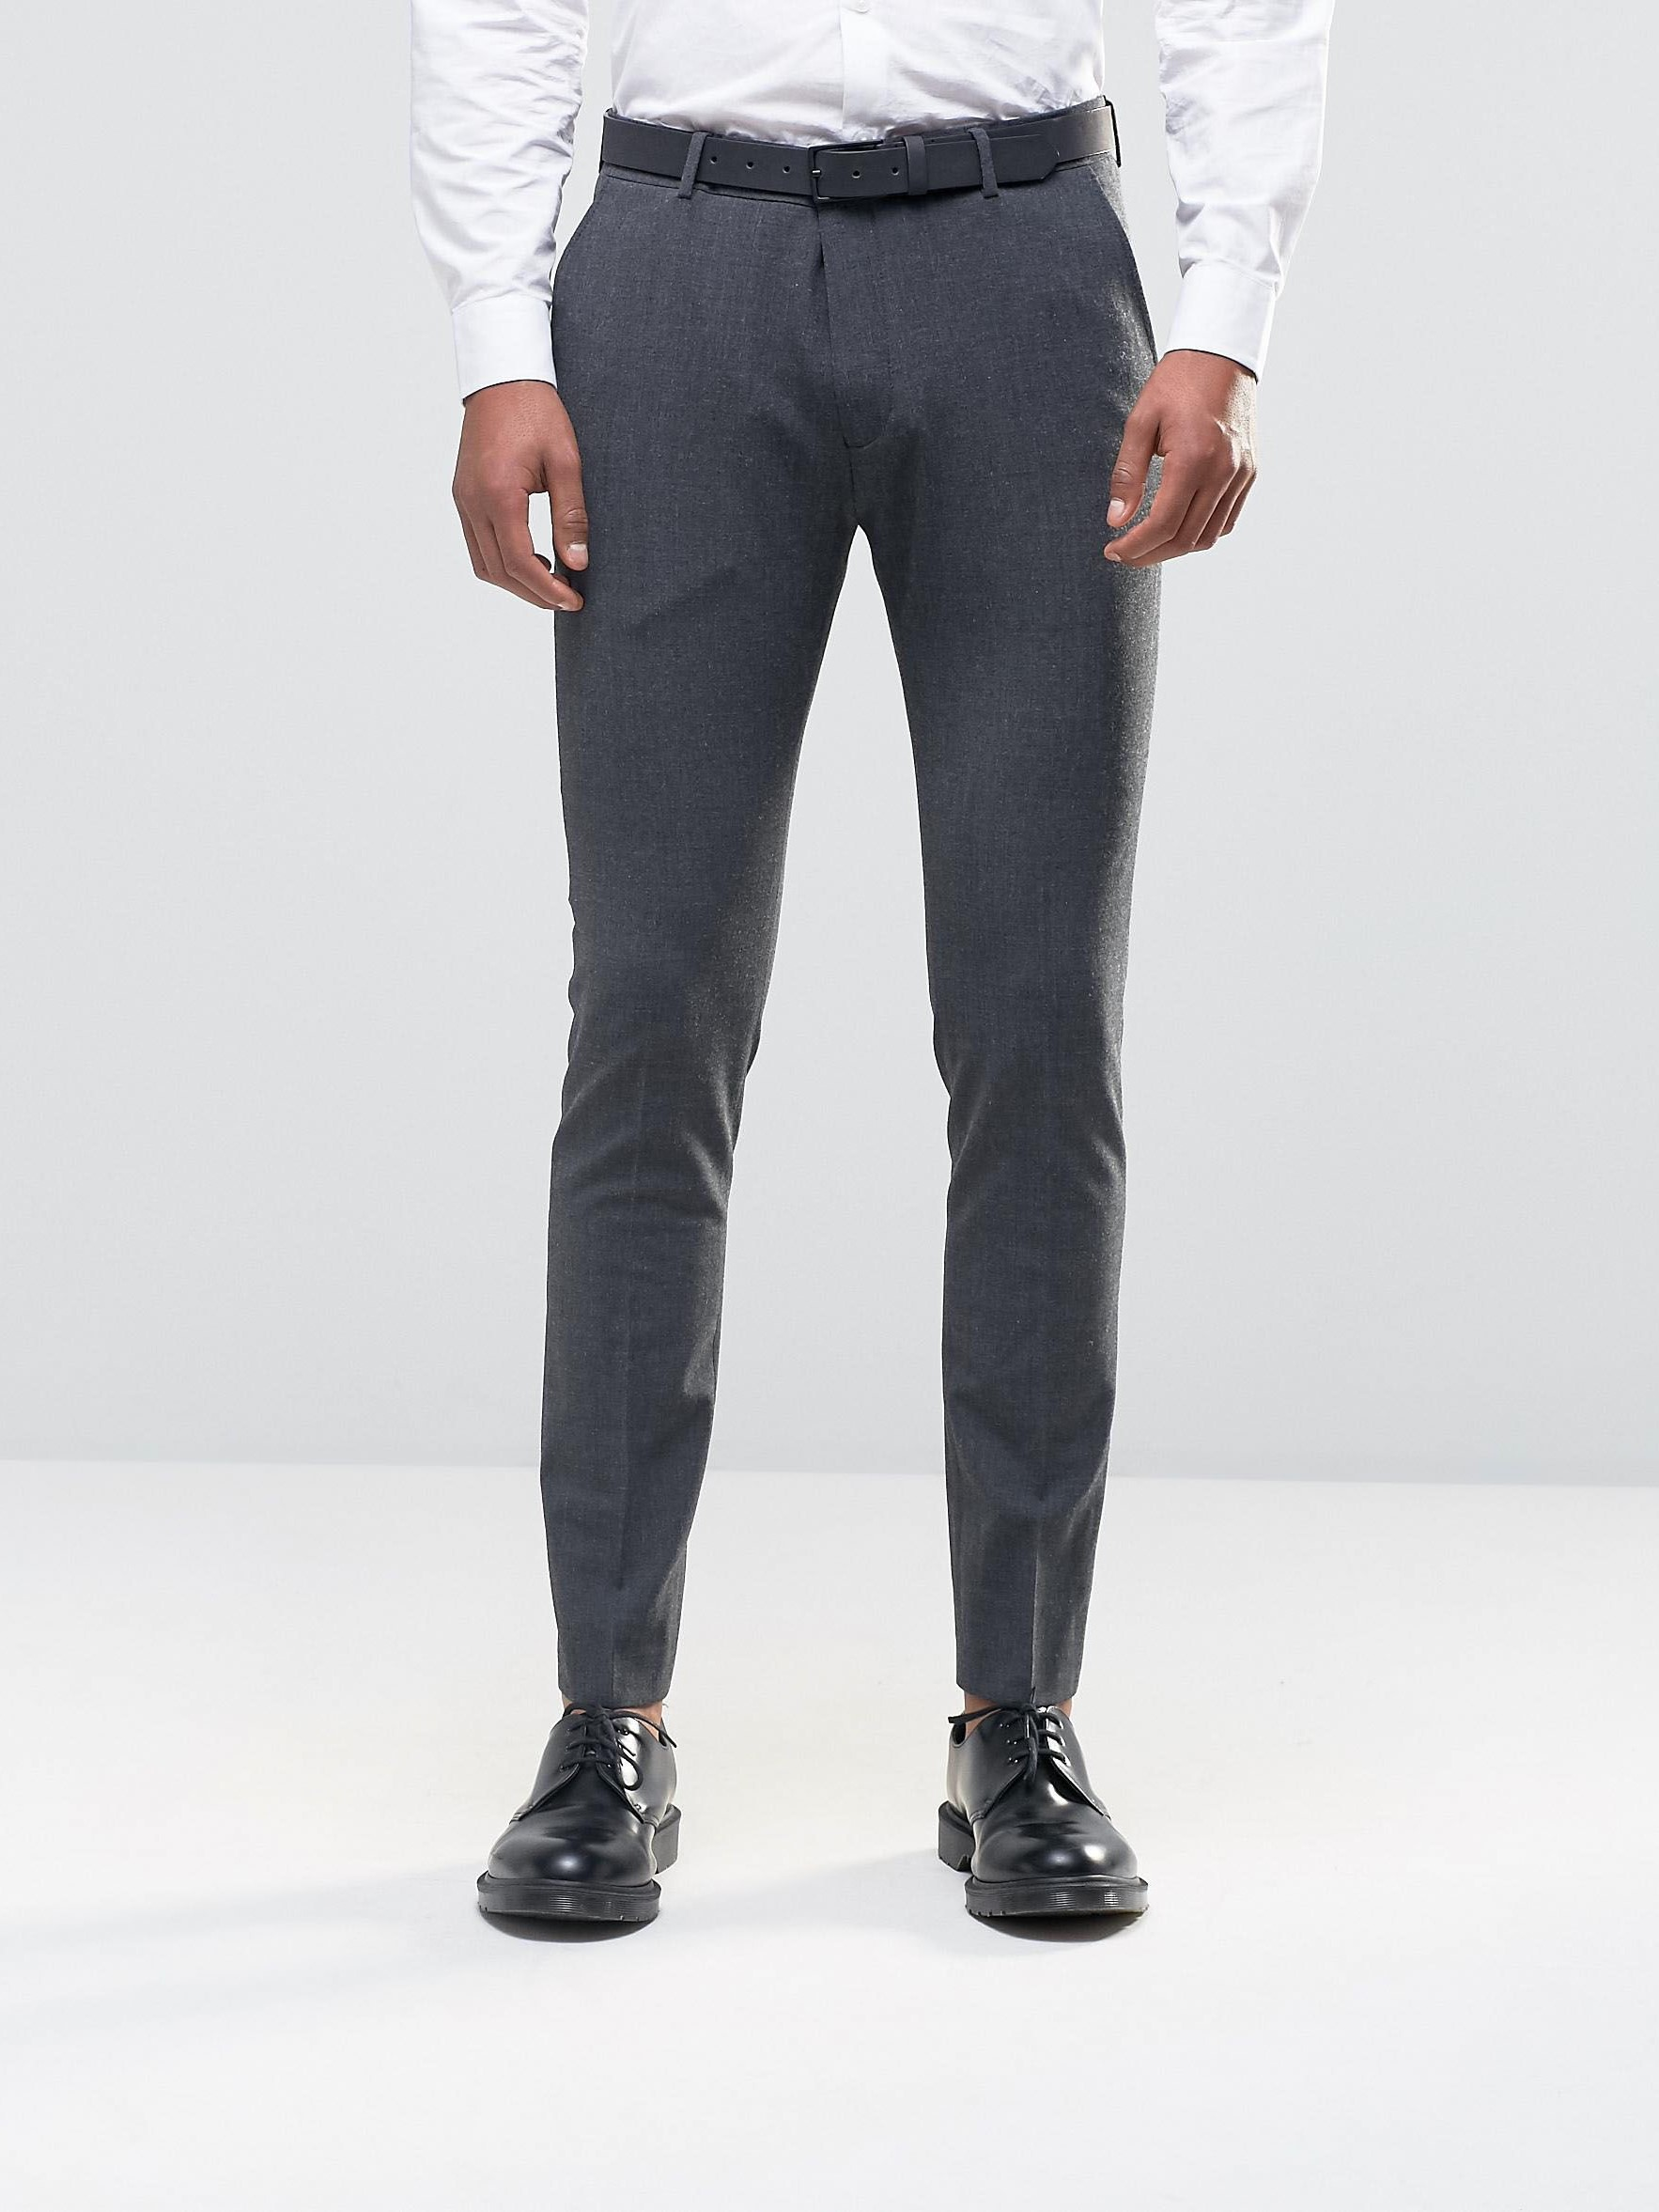 Узкие брюки Selected ASA040920-3 Серый Free Style